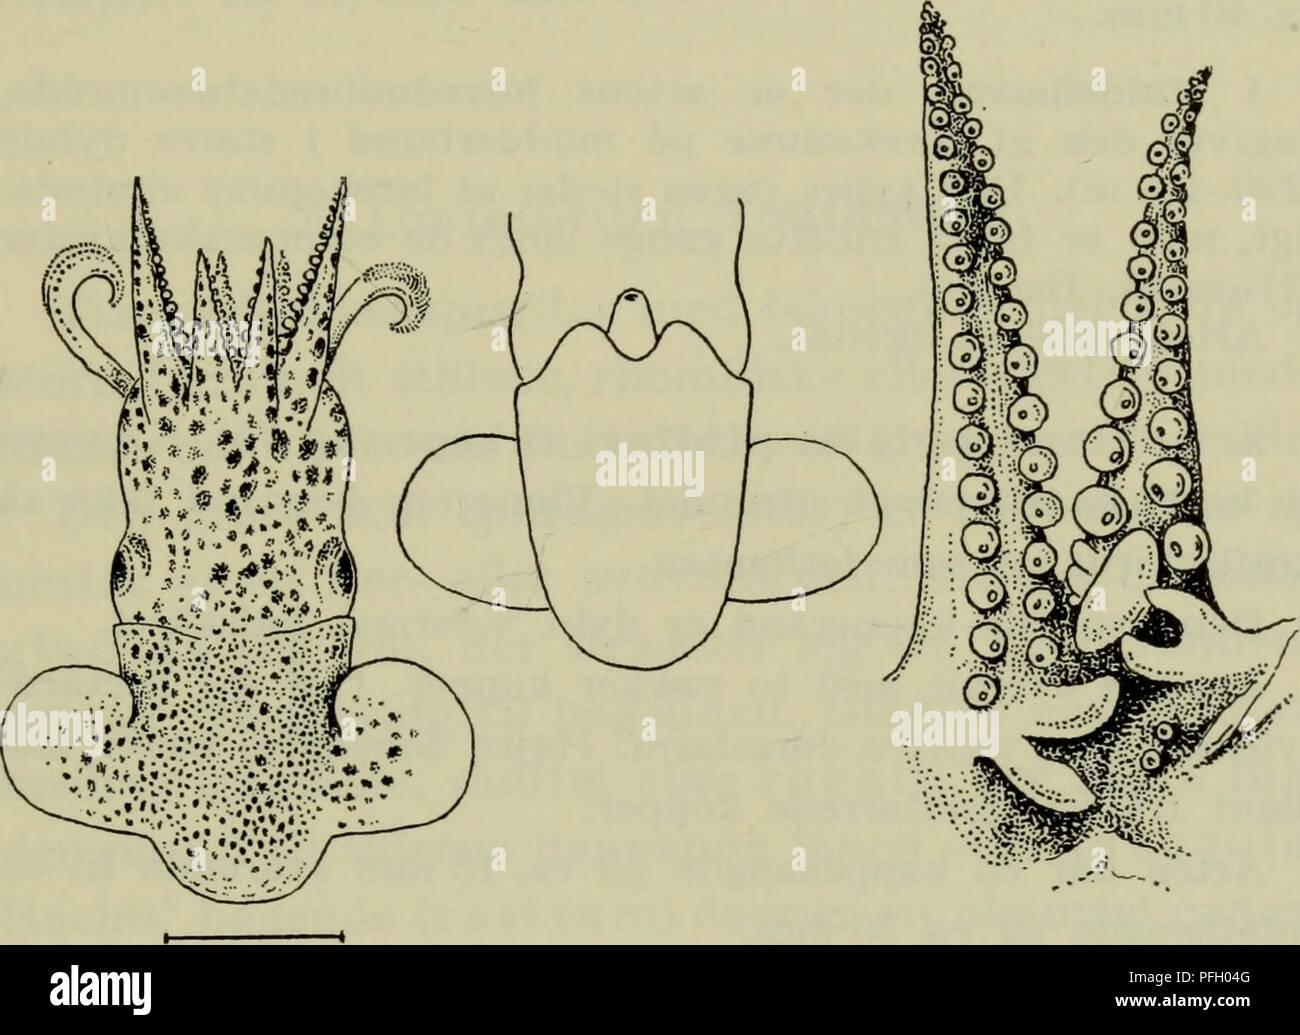 5218cd1eb743 Danmarks fauna  illustrerede haandbøger over den danske dyreverden... 135  nok den .